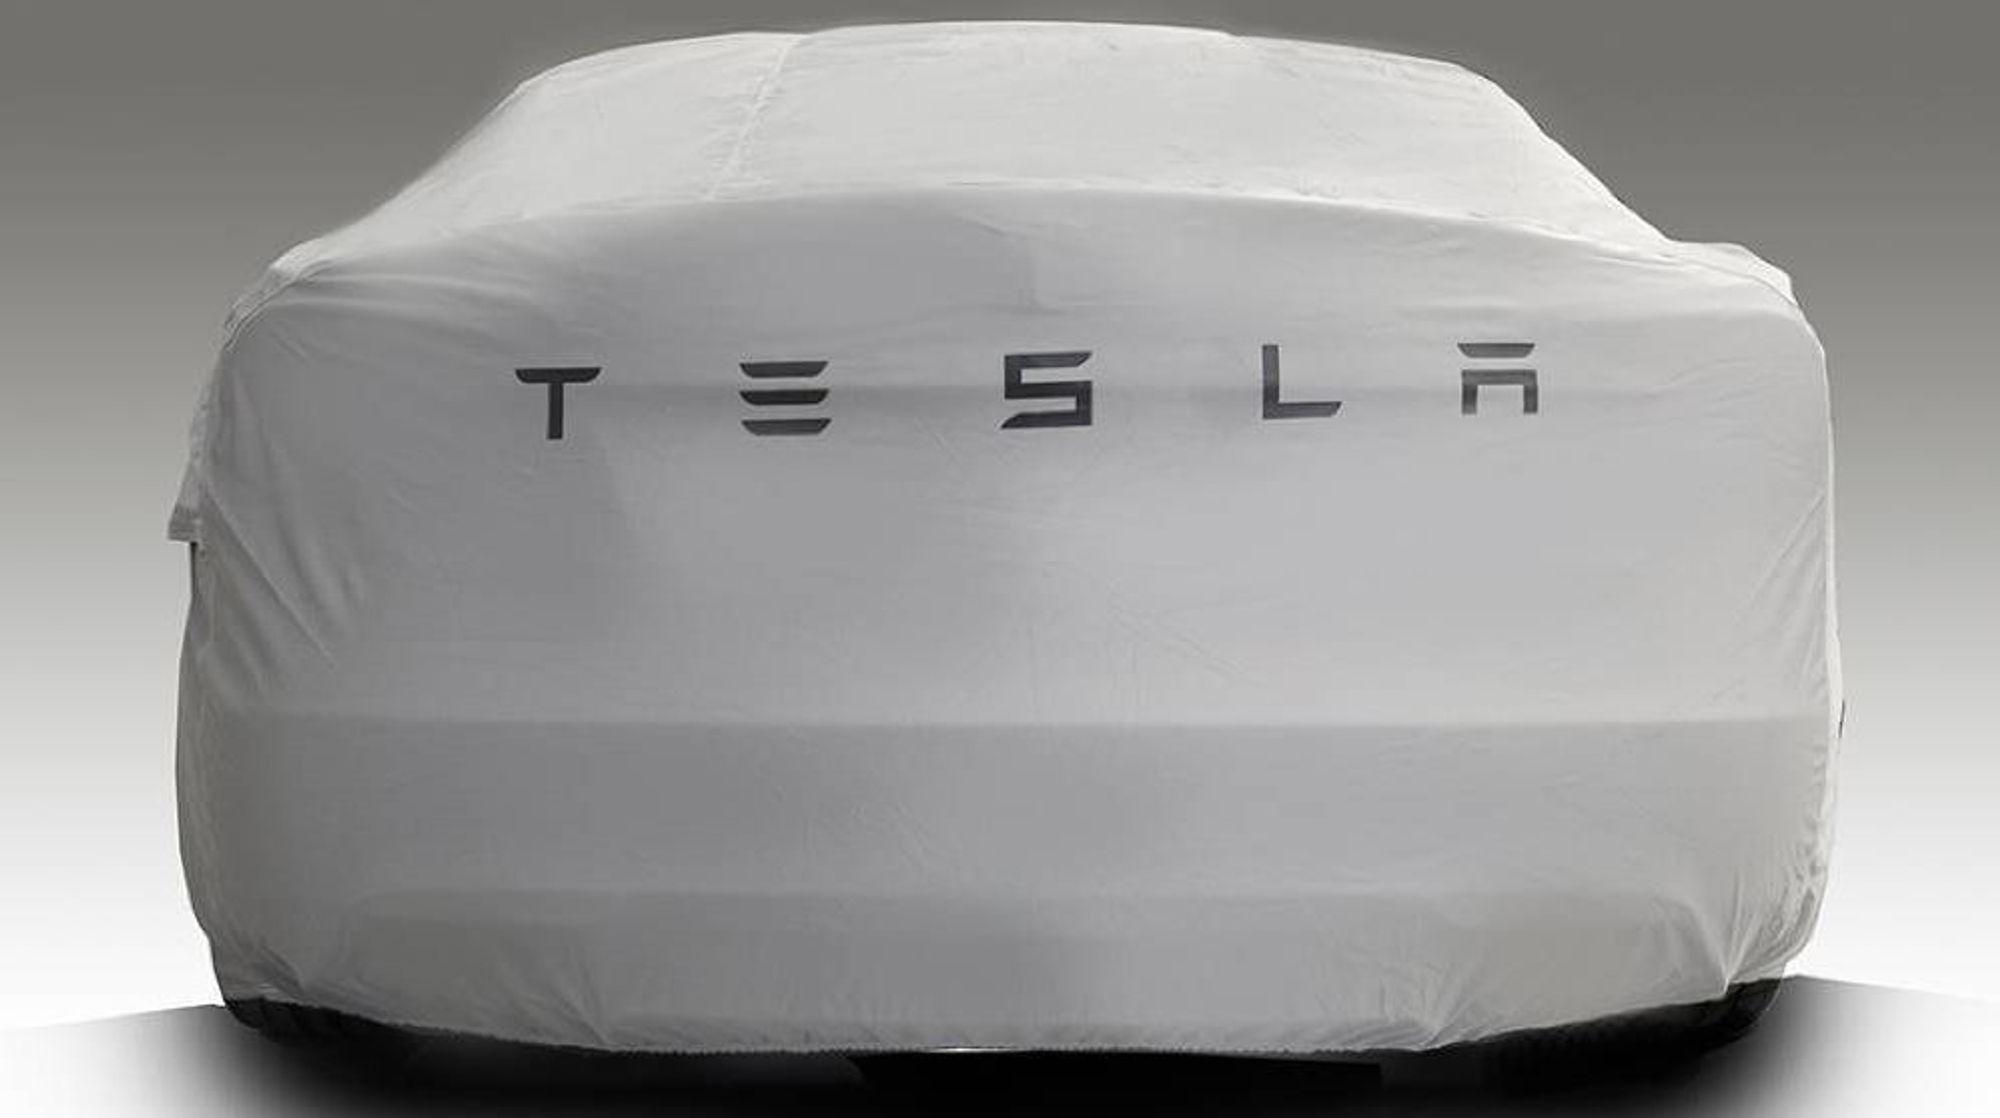 Tesla har aldri levert flere biler, likevel klarer de ikke tjene penger.